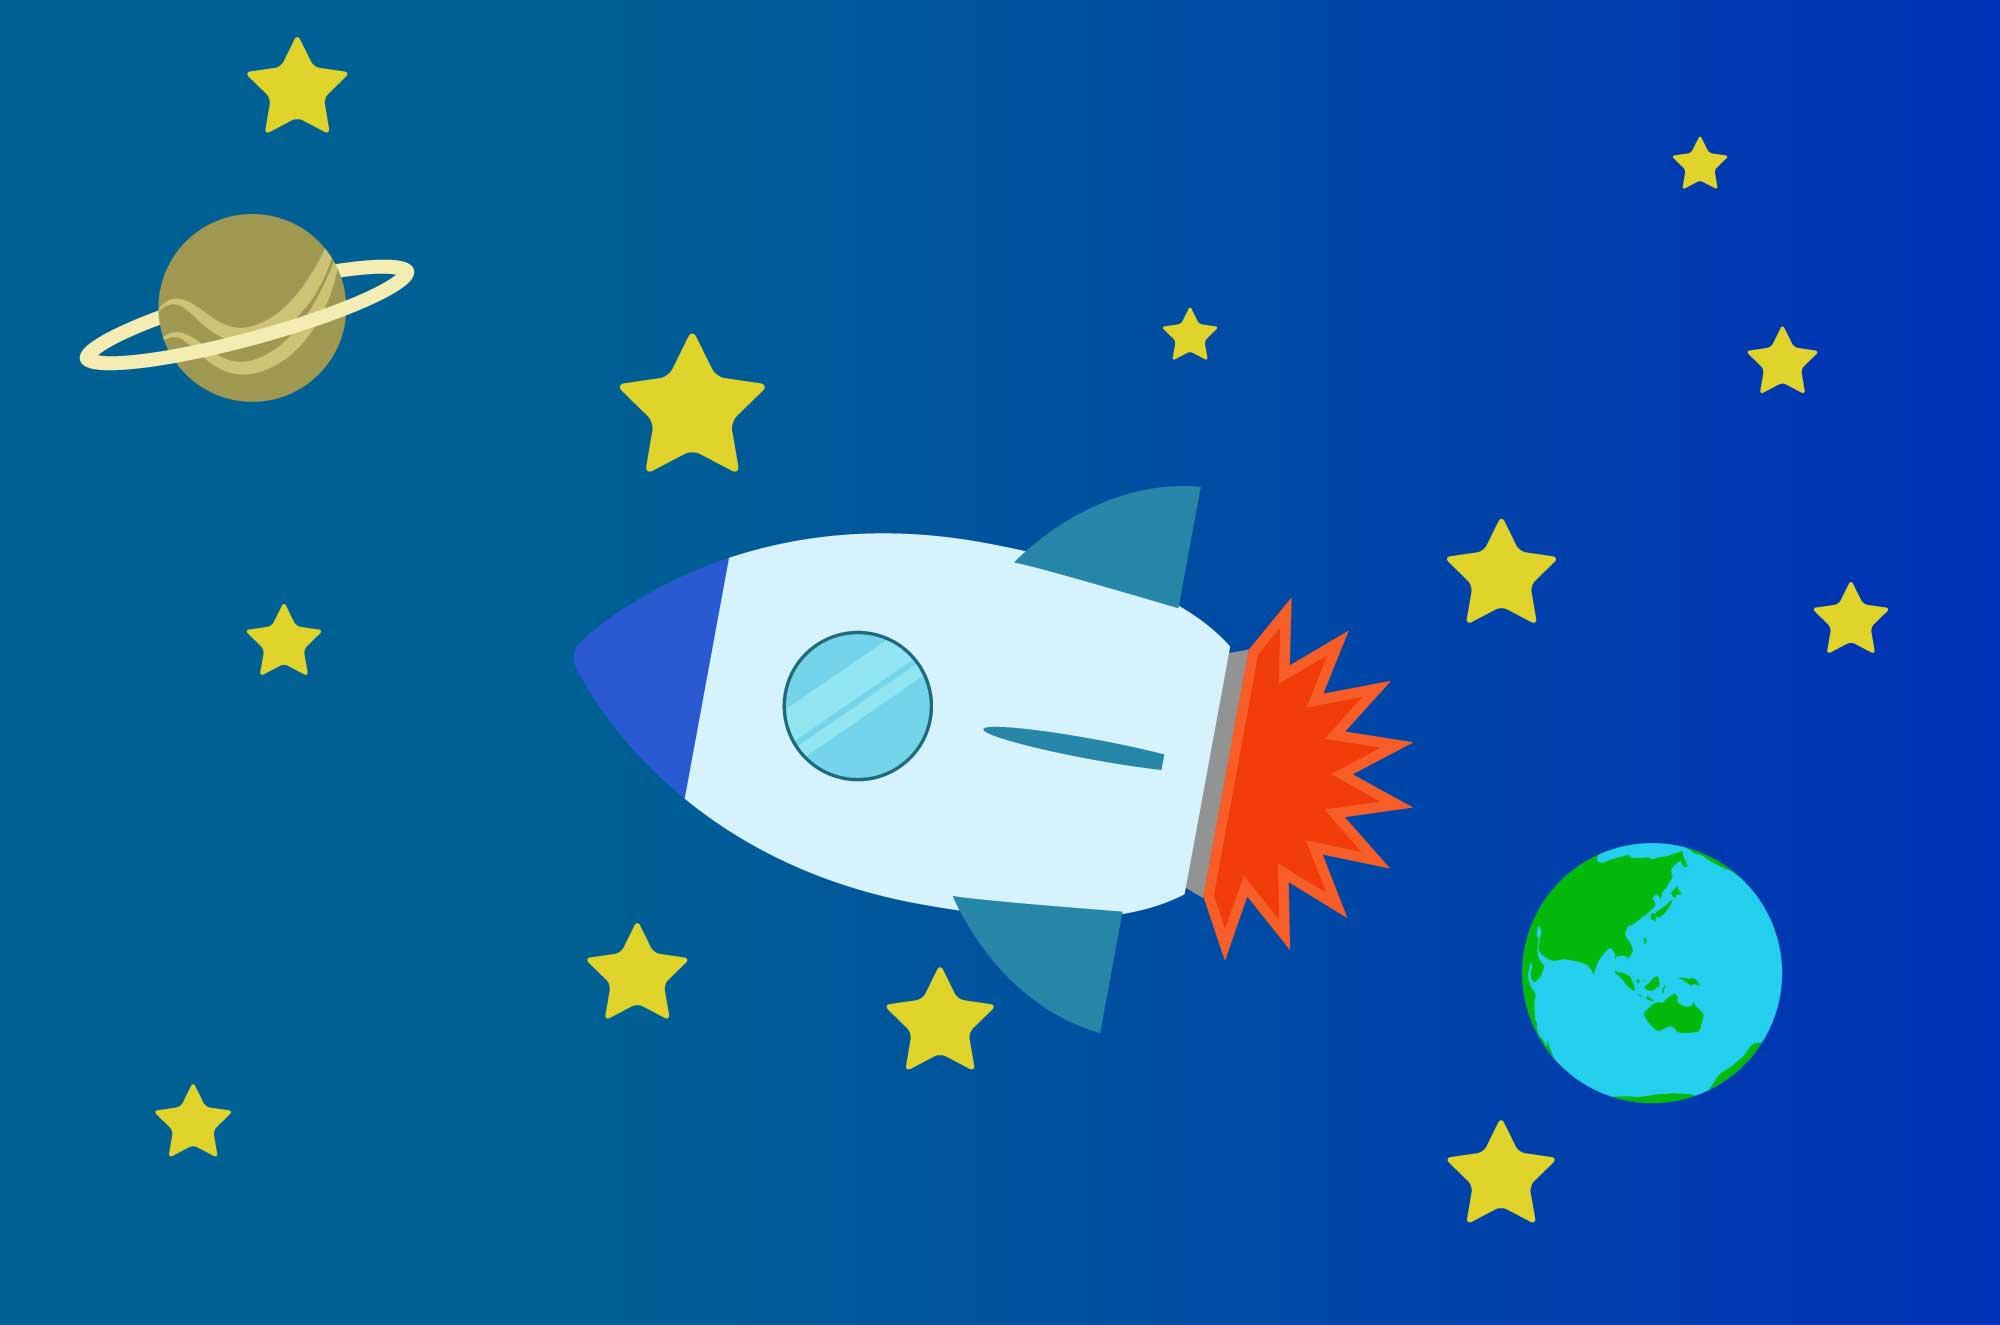 ロケットの無料イラスト - 宇宙の乗り物素材